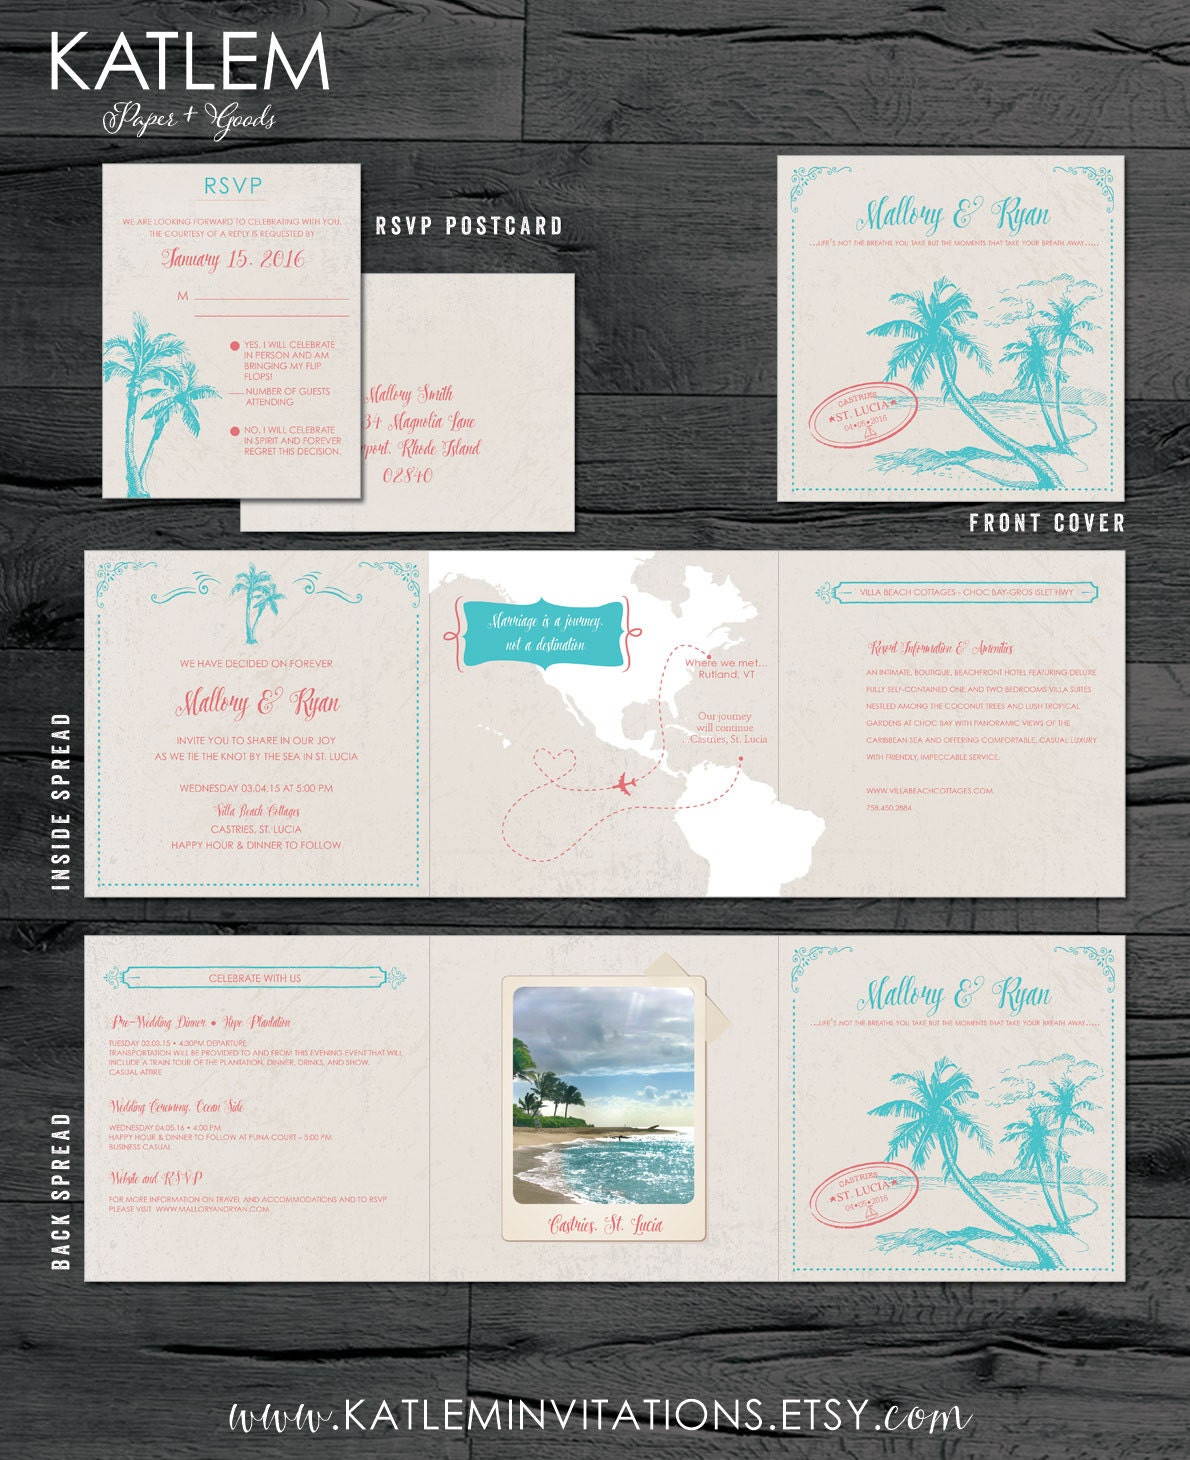 St Lucia Destination Wedding Invitation Tri Fold Invitation